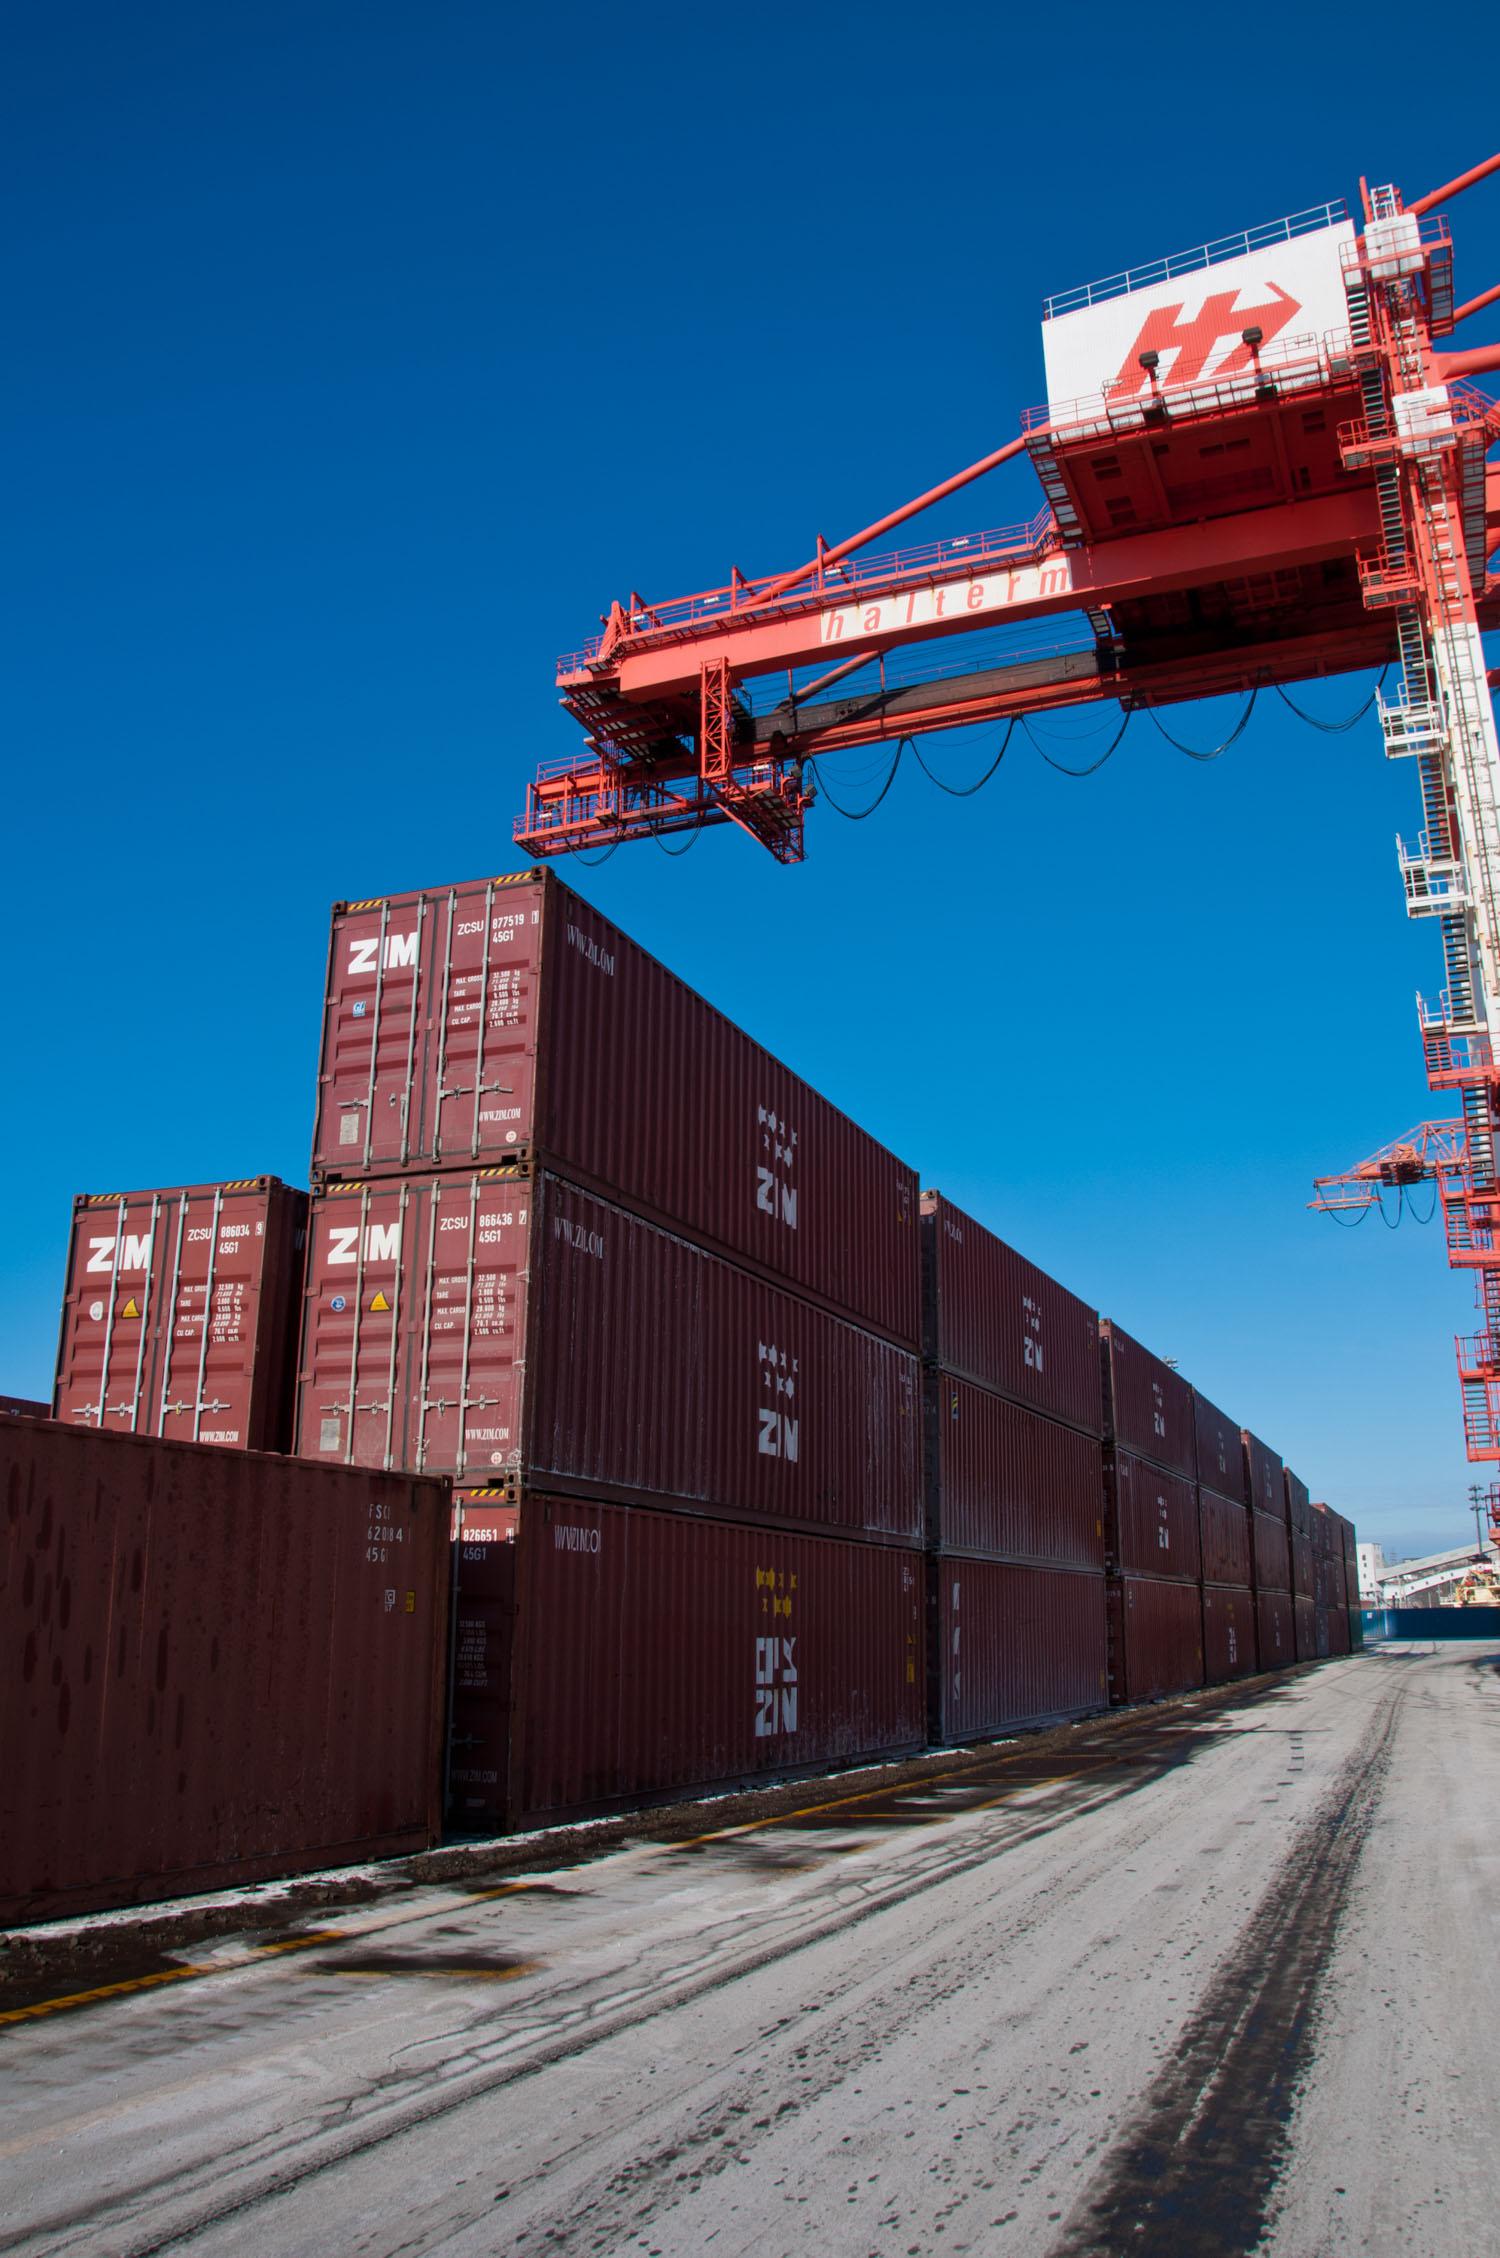 amfraser-Bloomberg News-Port of Halifax-Halterm Container Terminal-Halifax NS-7197-photo by Aaron McKenzie Fraser-www.amfraser.com-.jpg